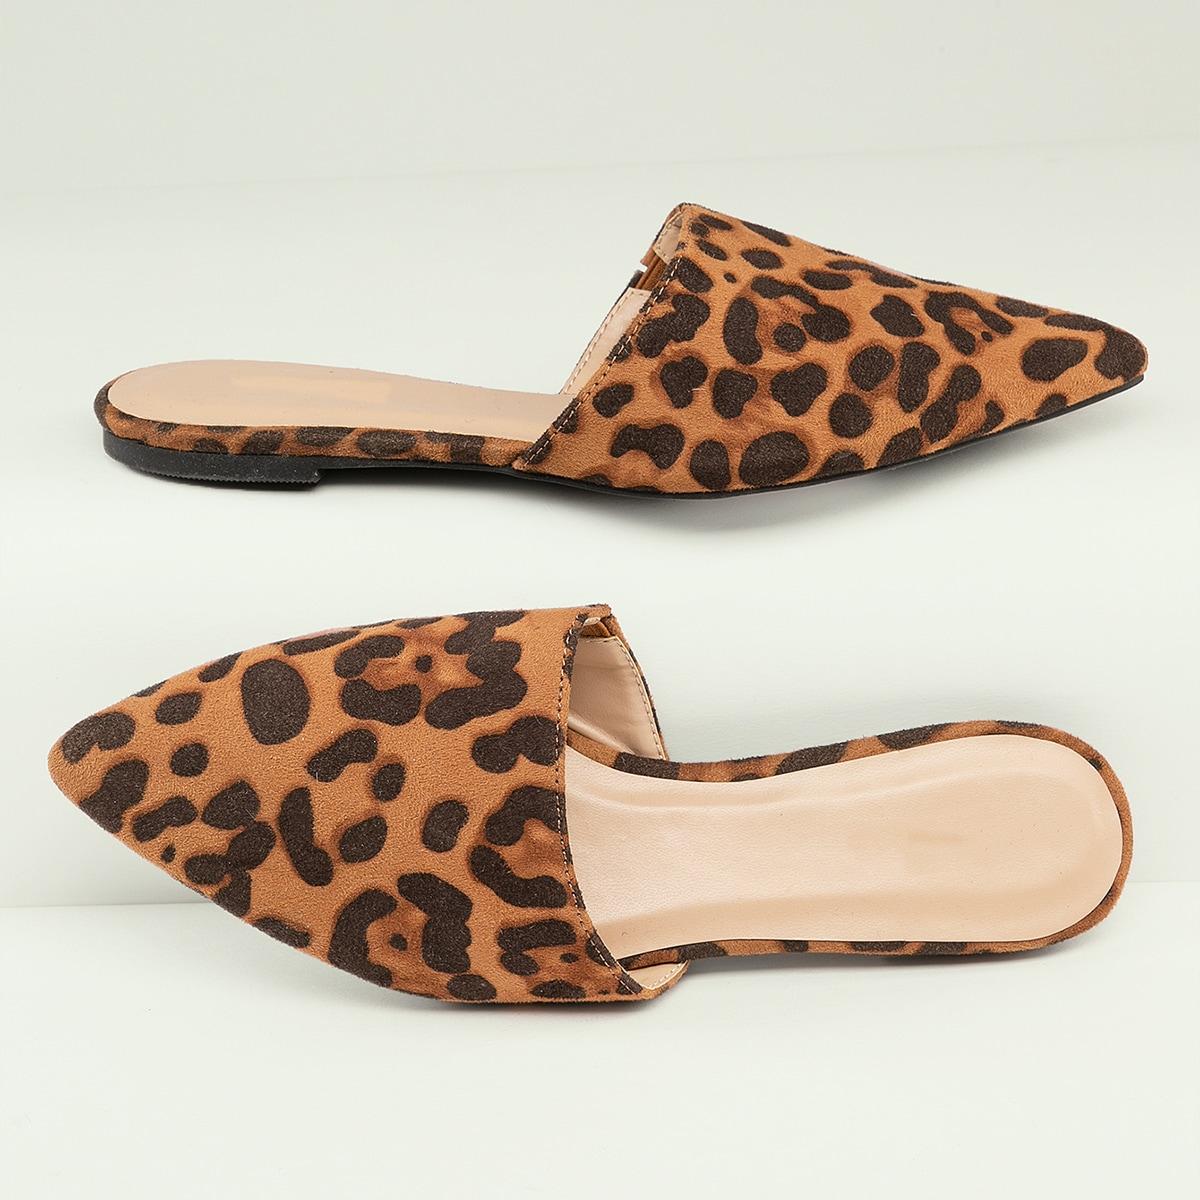 Остроконечные мюли на плоской подошве с леопардовым принтом